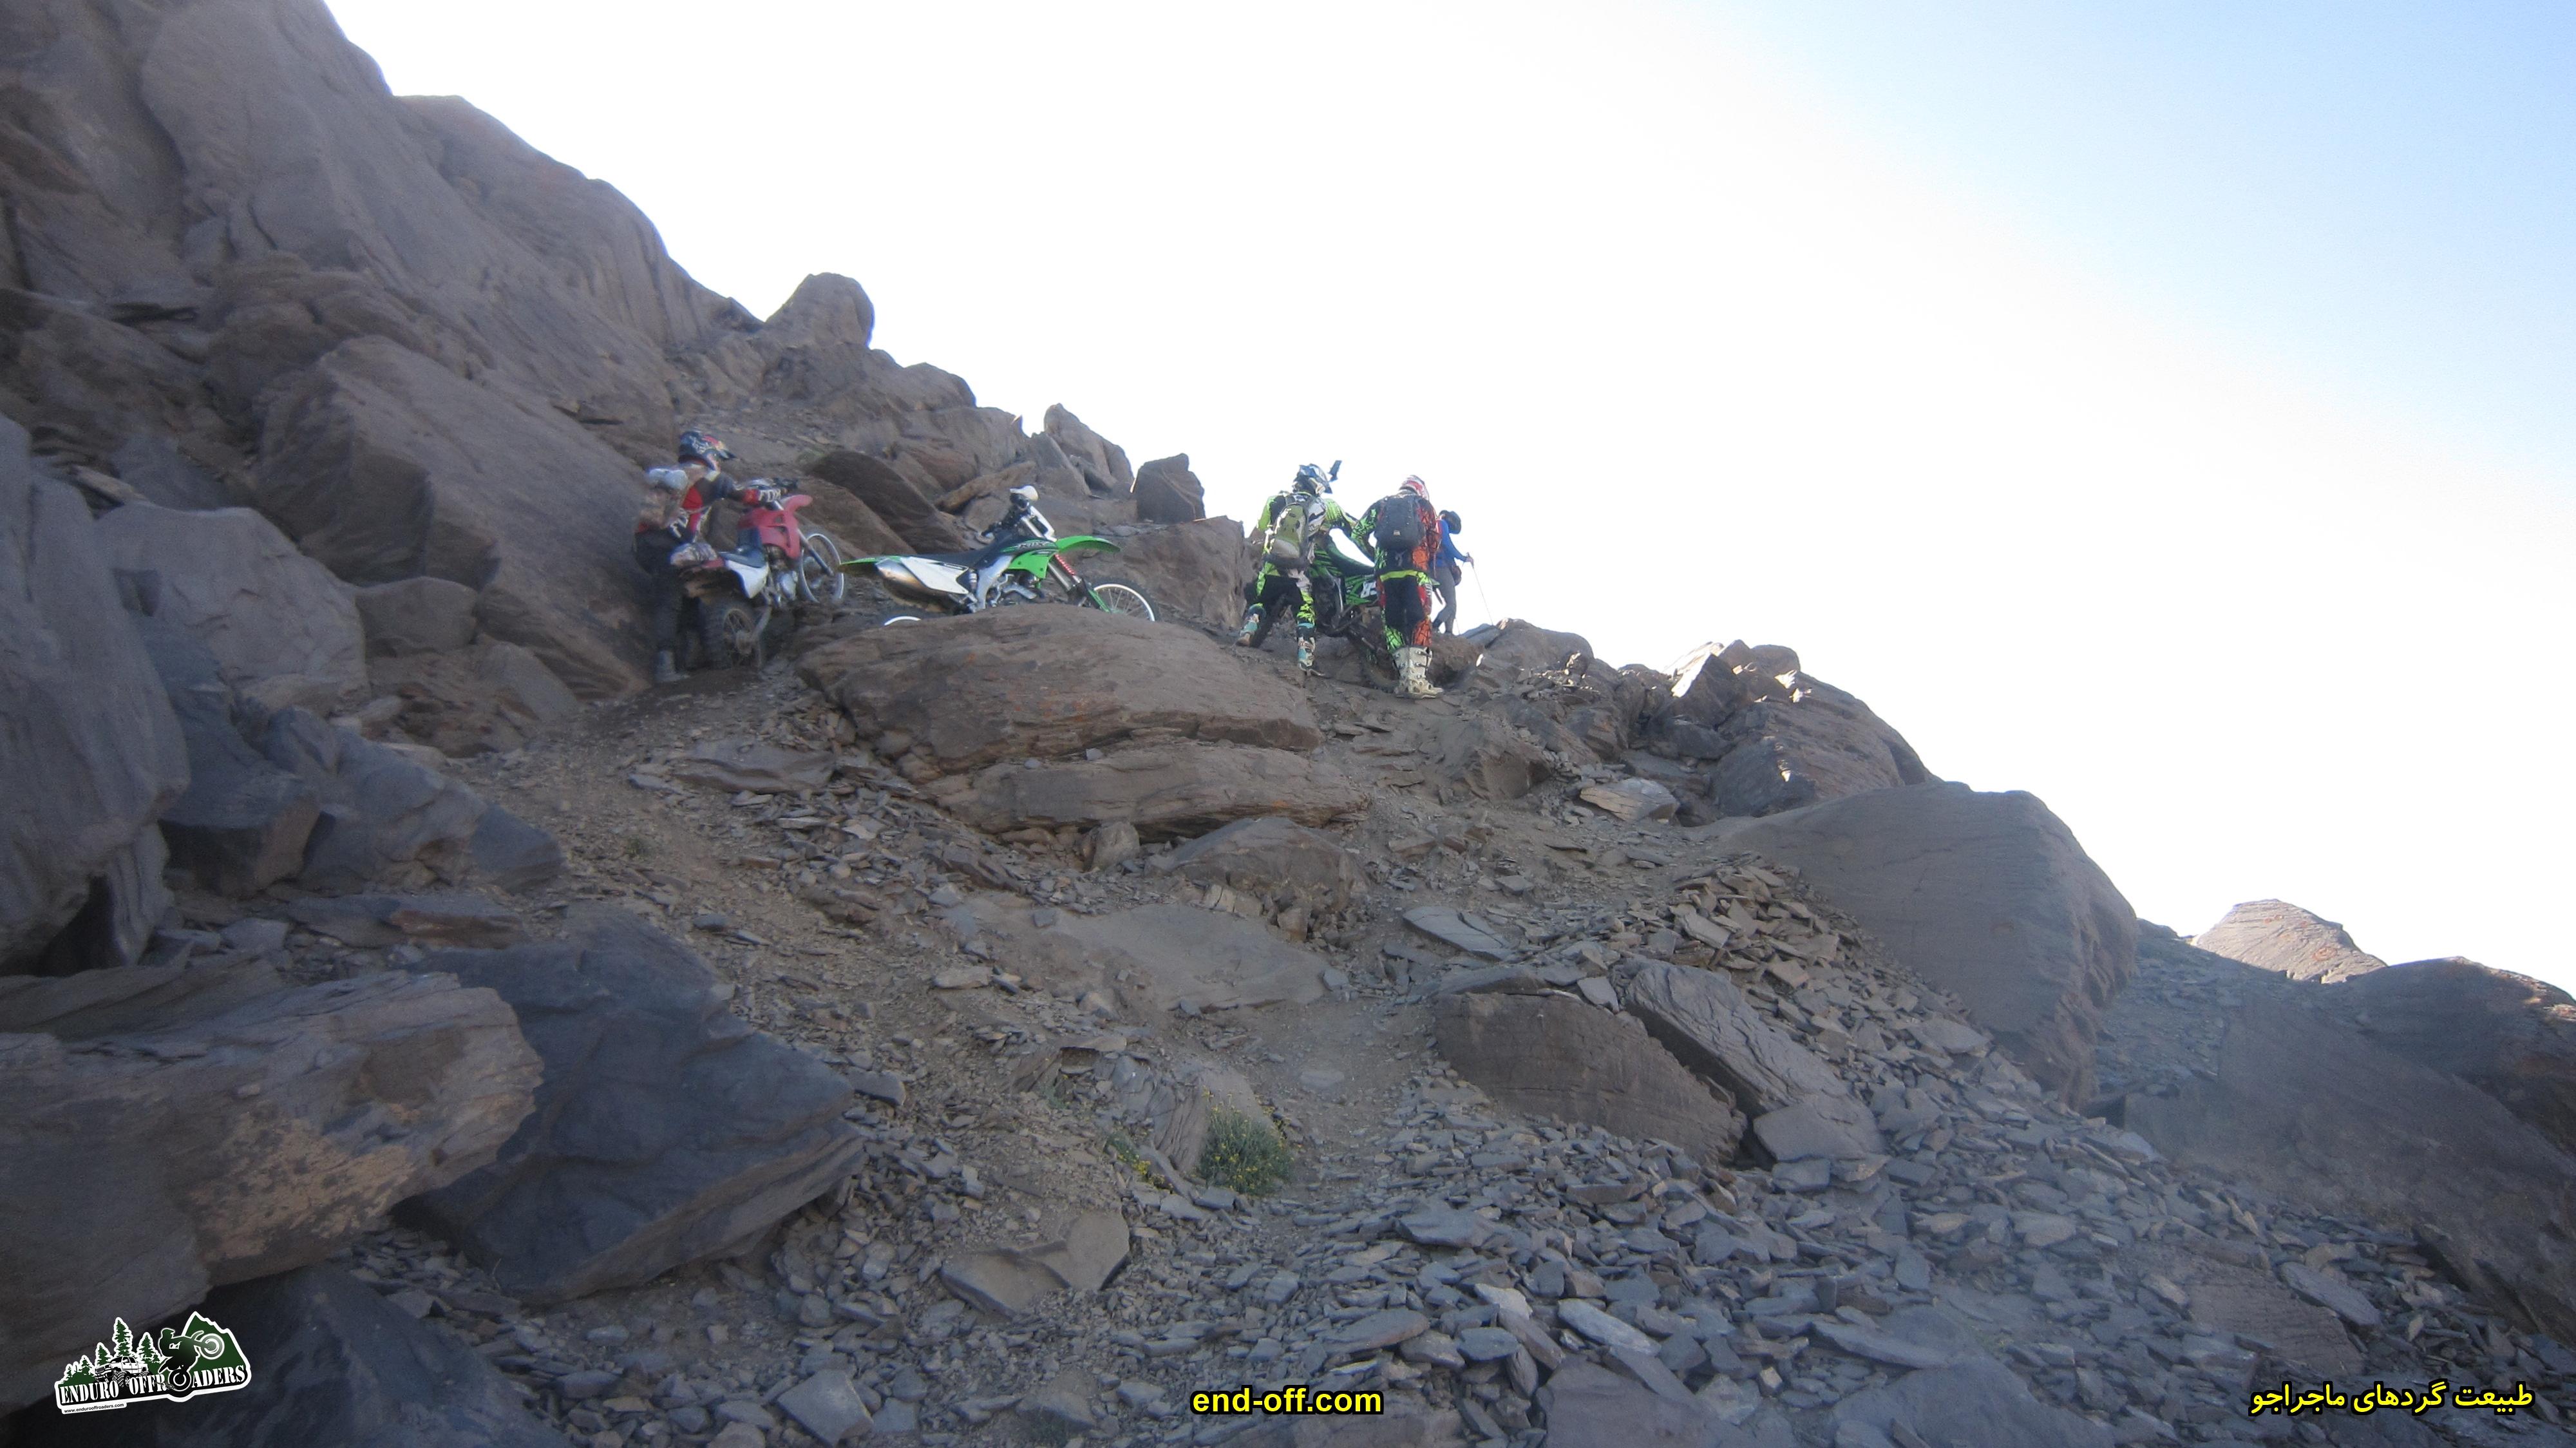 چالش در مسیر روستای هنیز بطرف قله سیالان با موتور - تابستان 1399